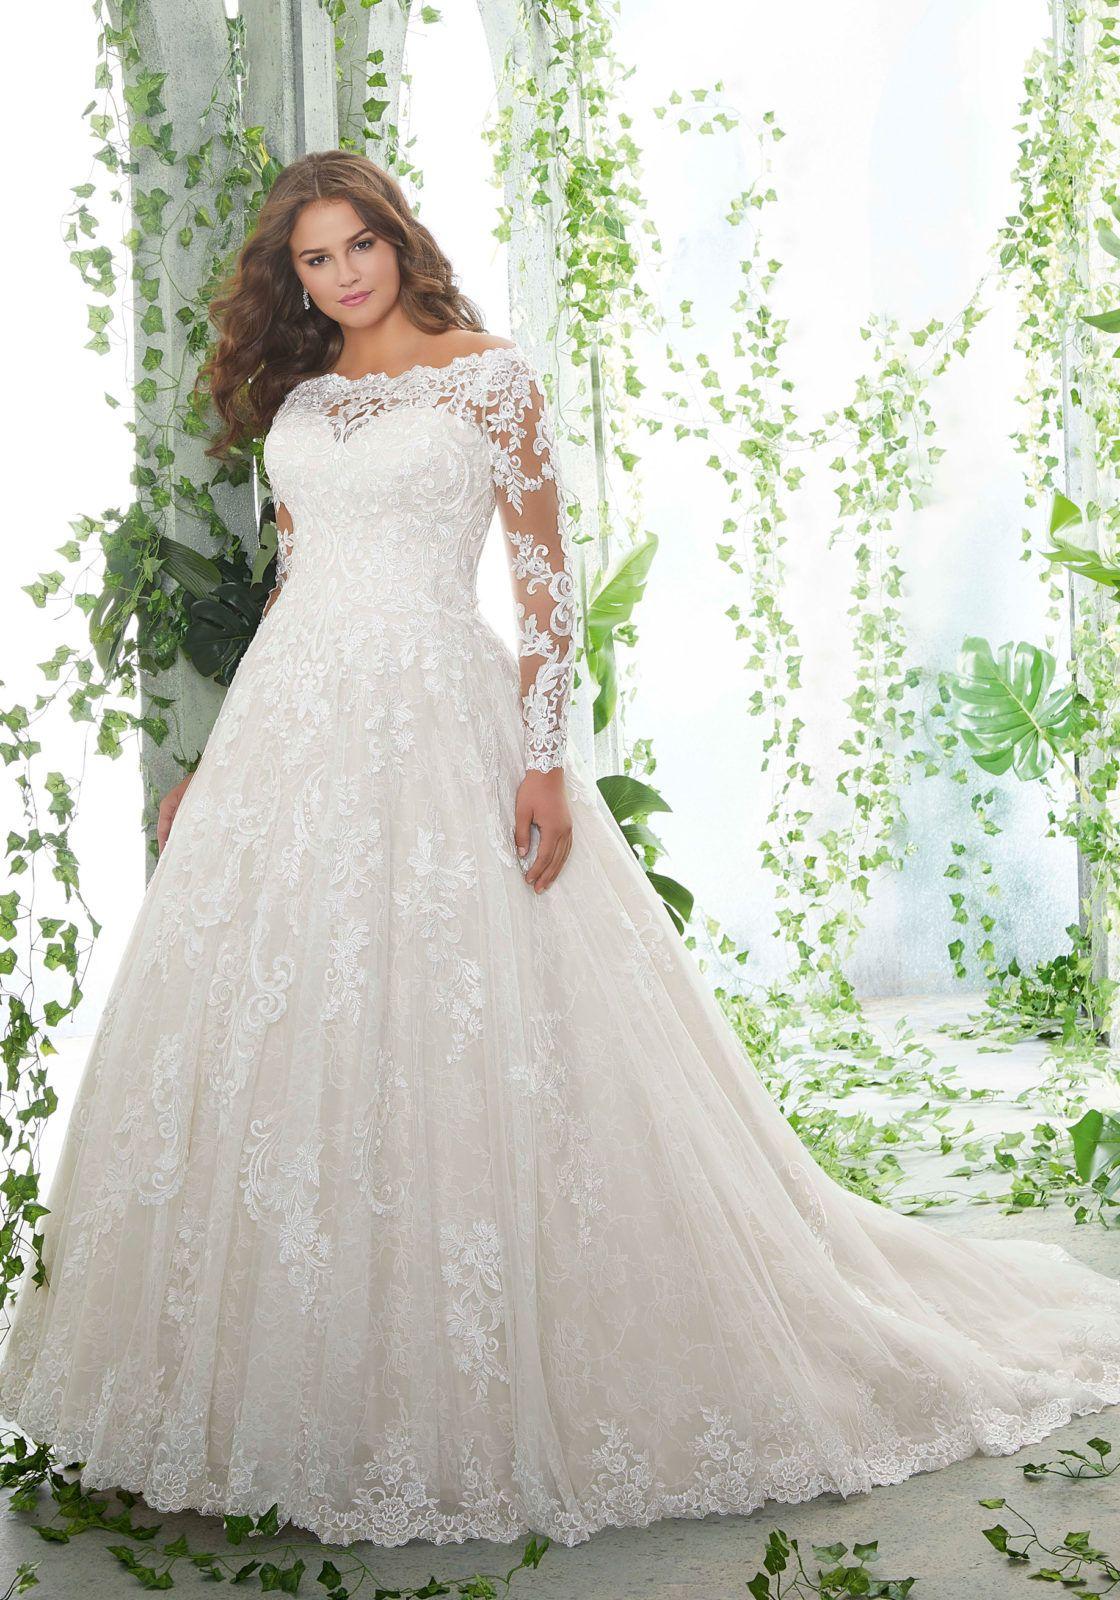 Patience Plus Size Wedding Dress Morilee In 2020 Plus Wedding